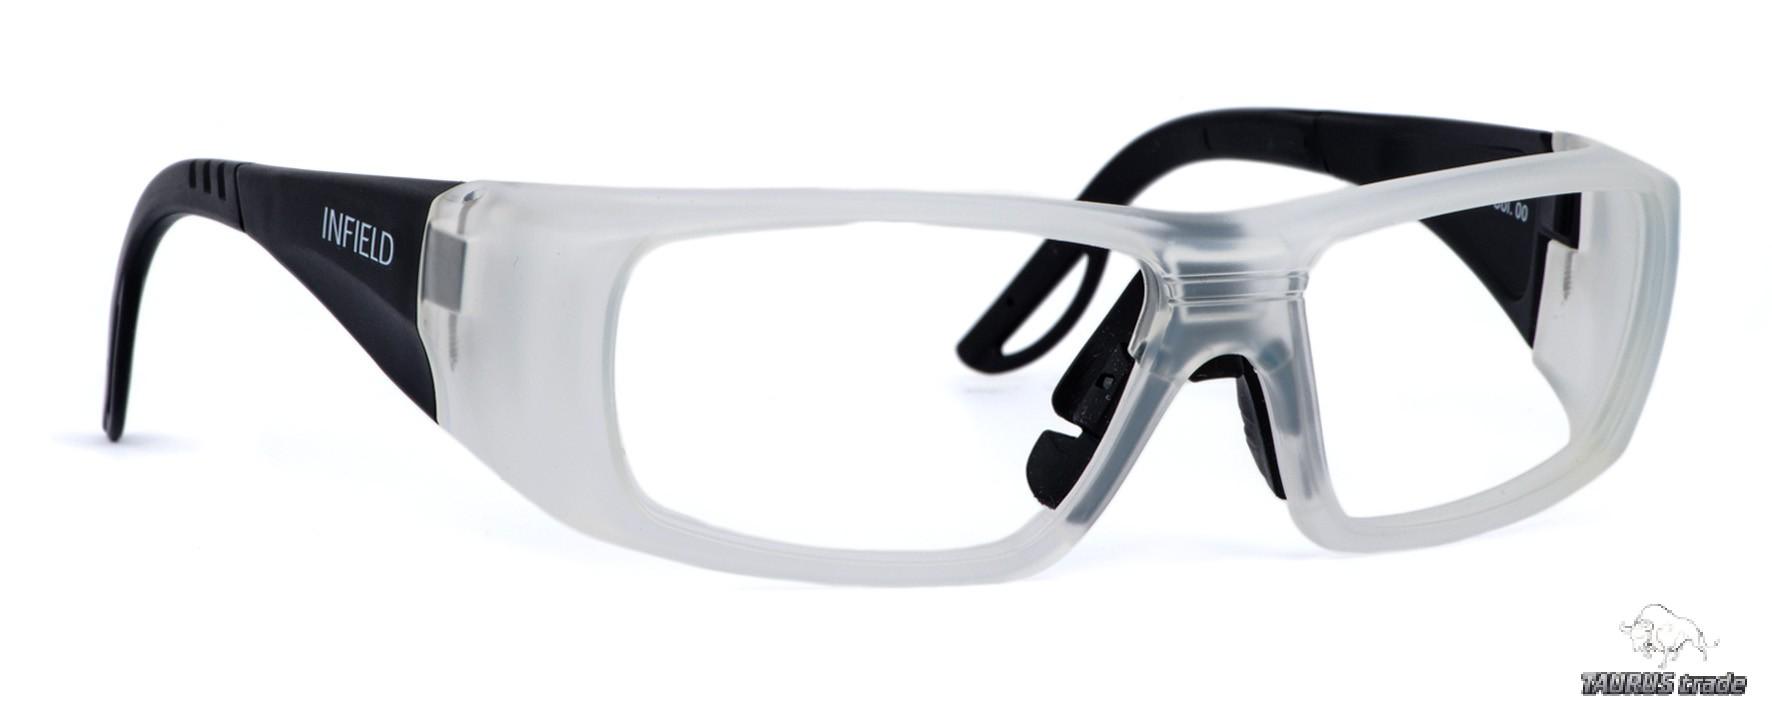 2380-00-5600-VISION-11-schwarz-kristall